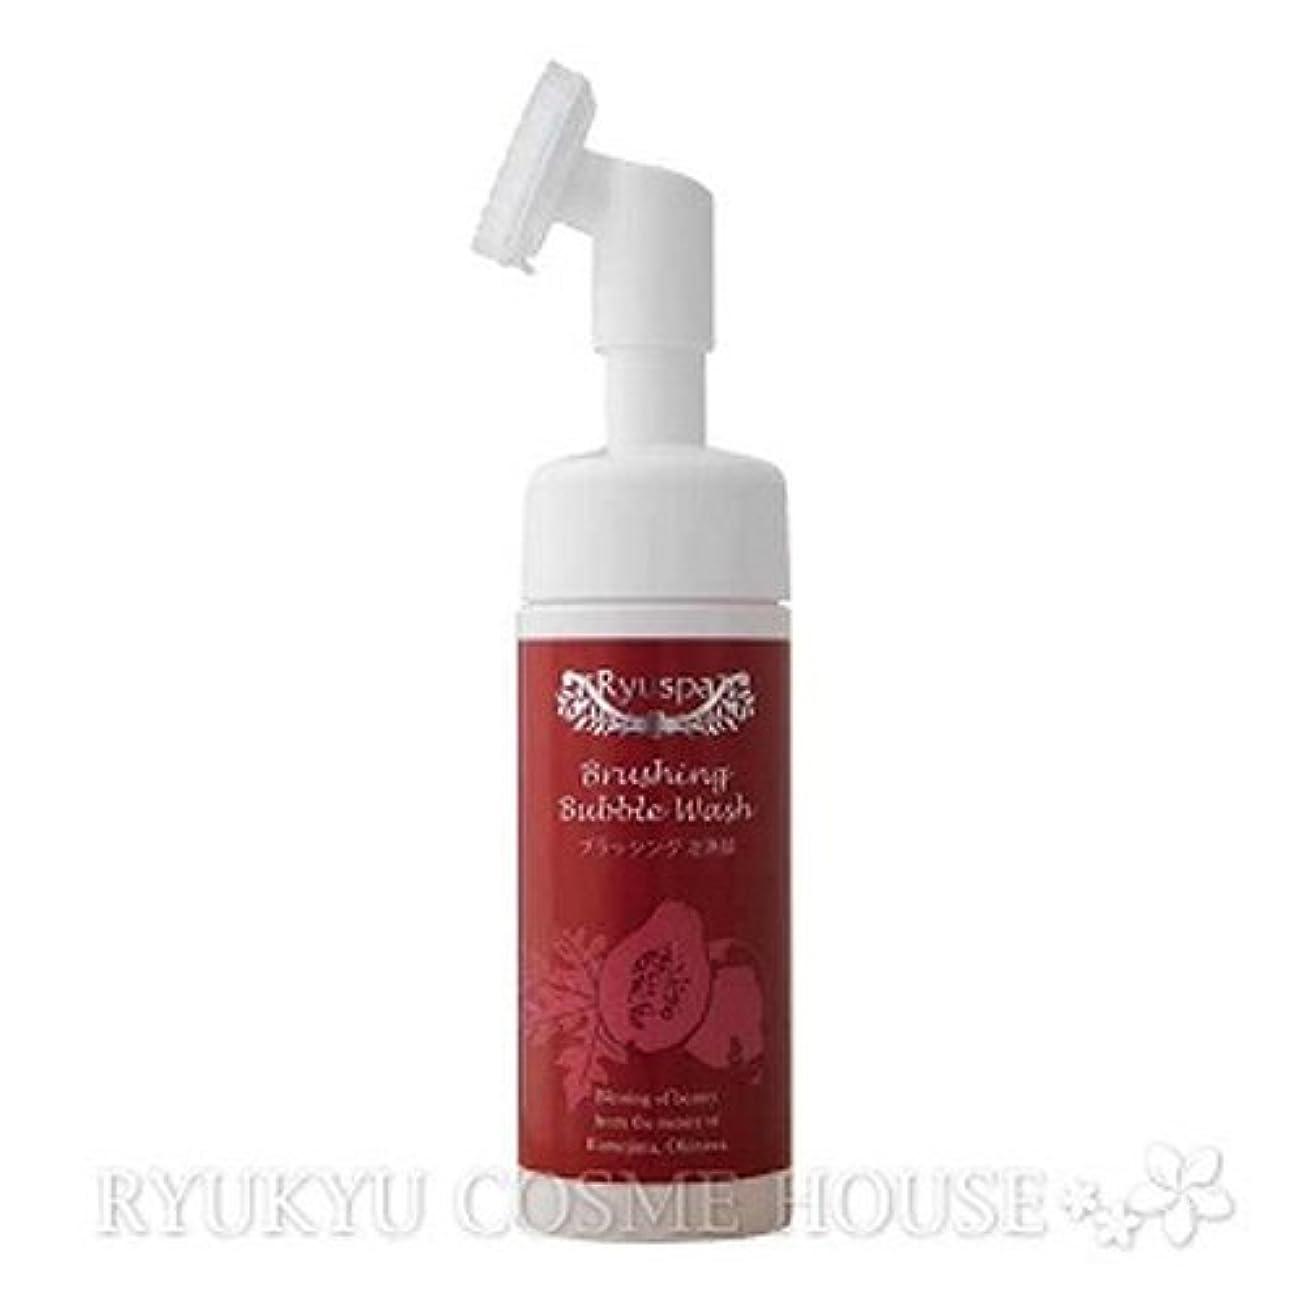 名義でフラスコ反映するRyuspa リュウスパ 洗顔料 パパイン酵素 ブラッシング泡洗顔 150ml